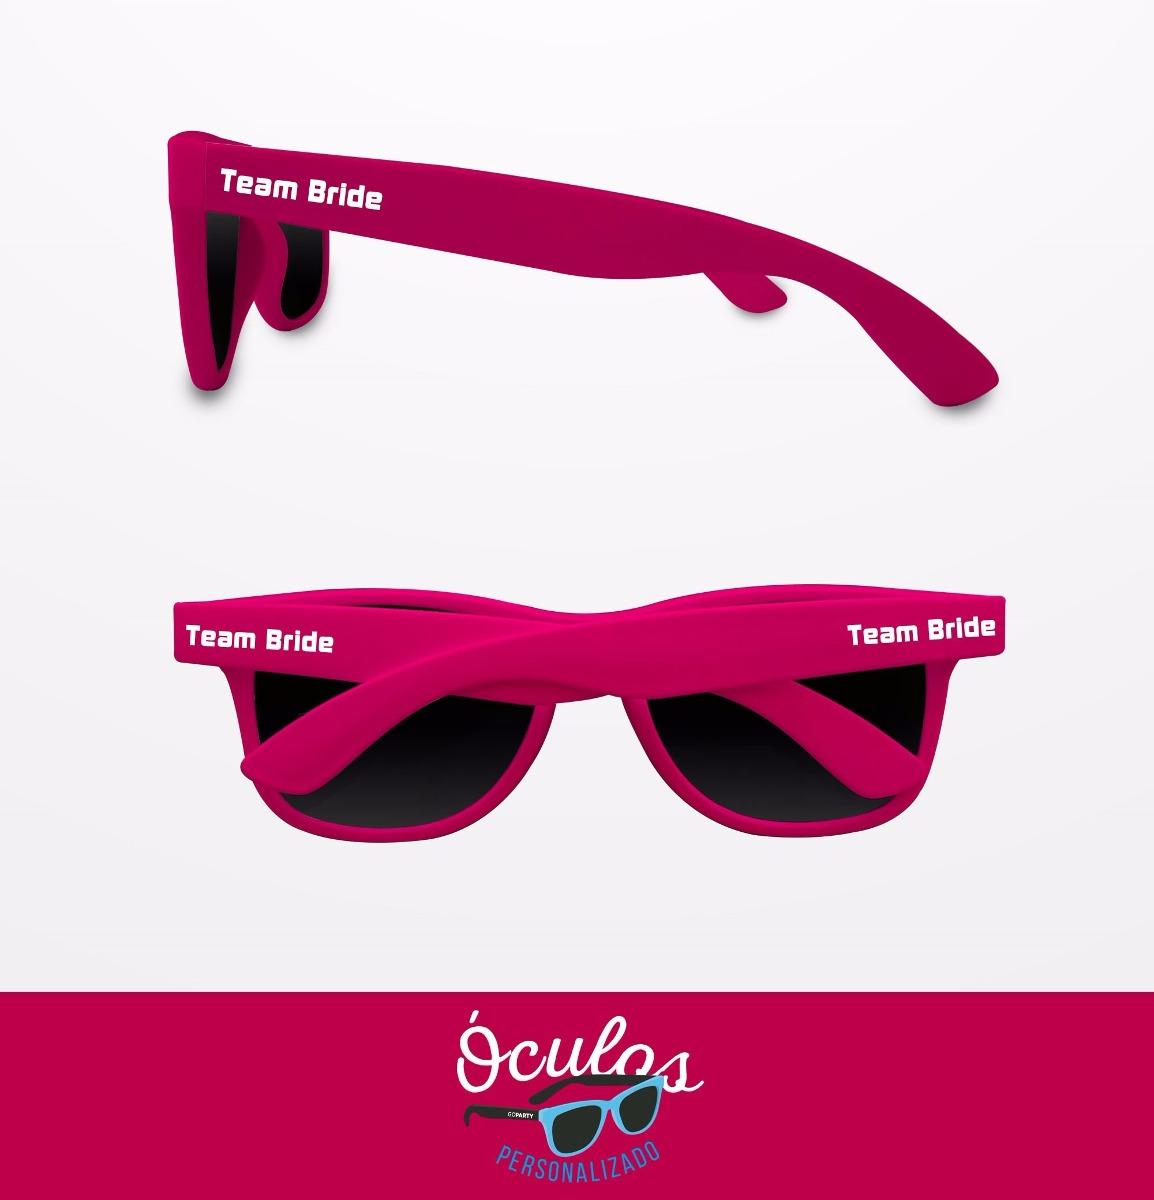 Óculos Personalizado Festa - 50 Unidades - R  480,00 em Mercado Livre d28303a638